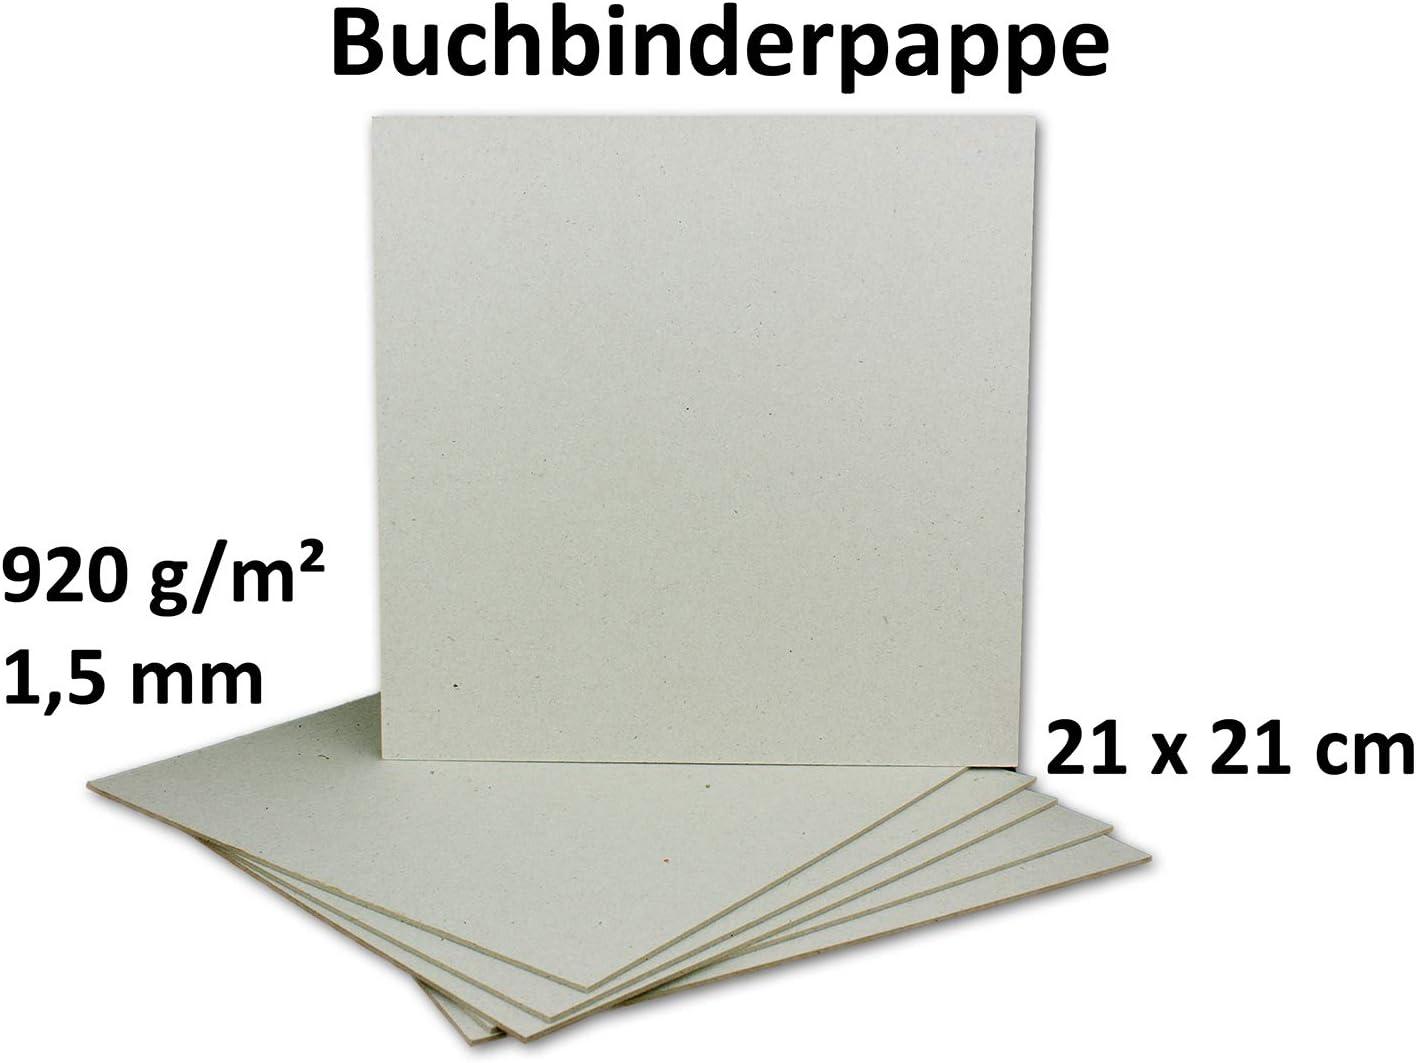 St/ärke 1,5 mm Grammatur 1.015 g//m/² 30x Buchbinderpappe DIN A4 in Schwarz